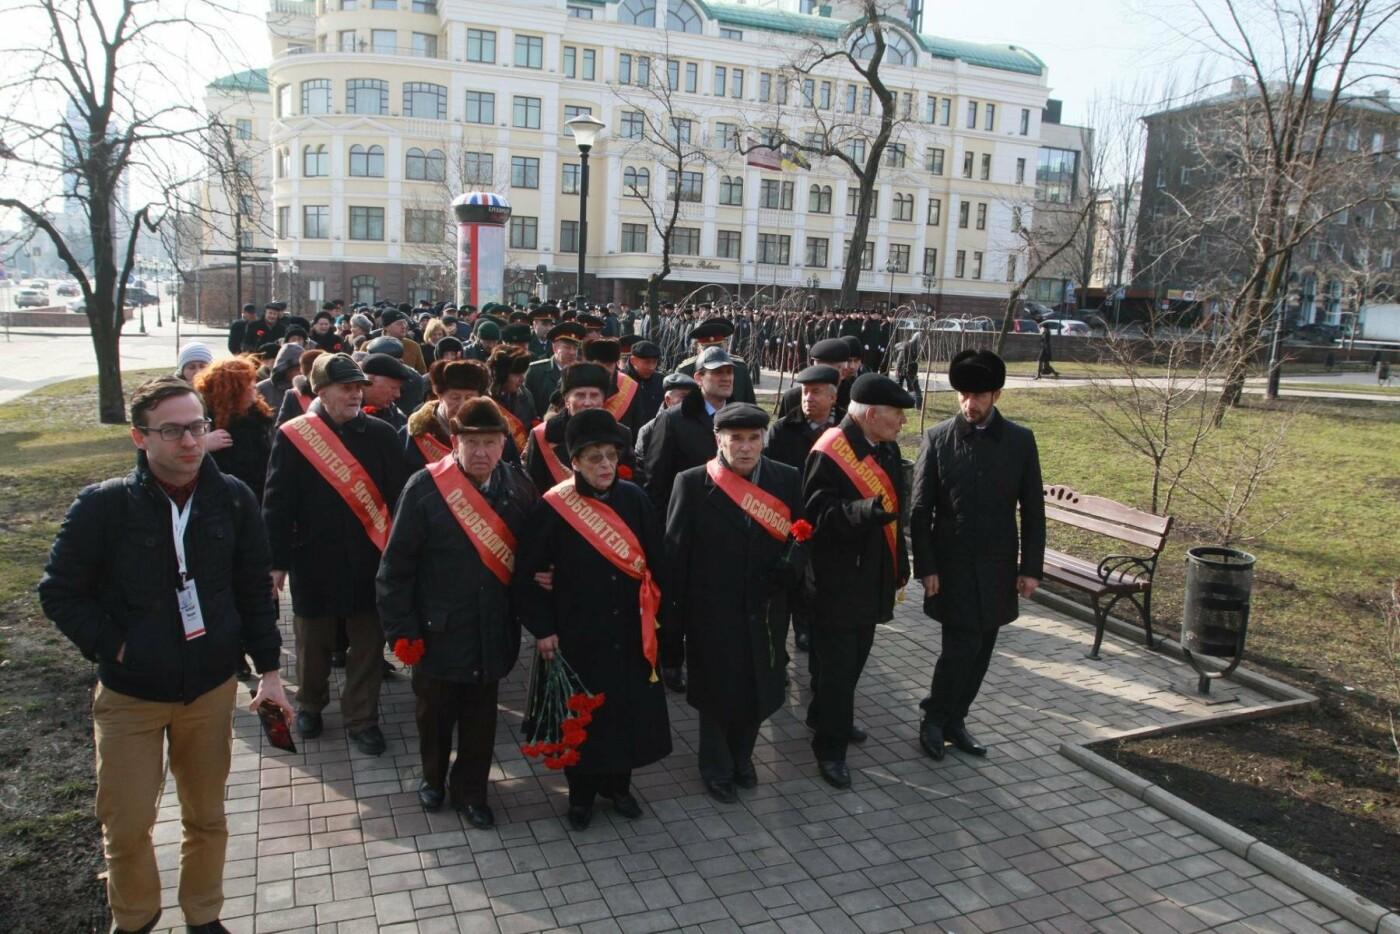 """23 февраля в Донецке 4 года назад: украинцы еще надеялись, но массовка для """"русской весны"""" уже была завезена (Фото), фото-1"""